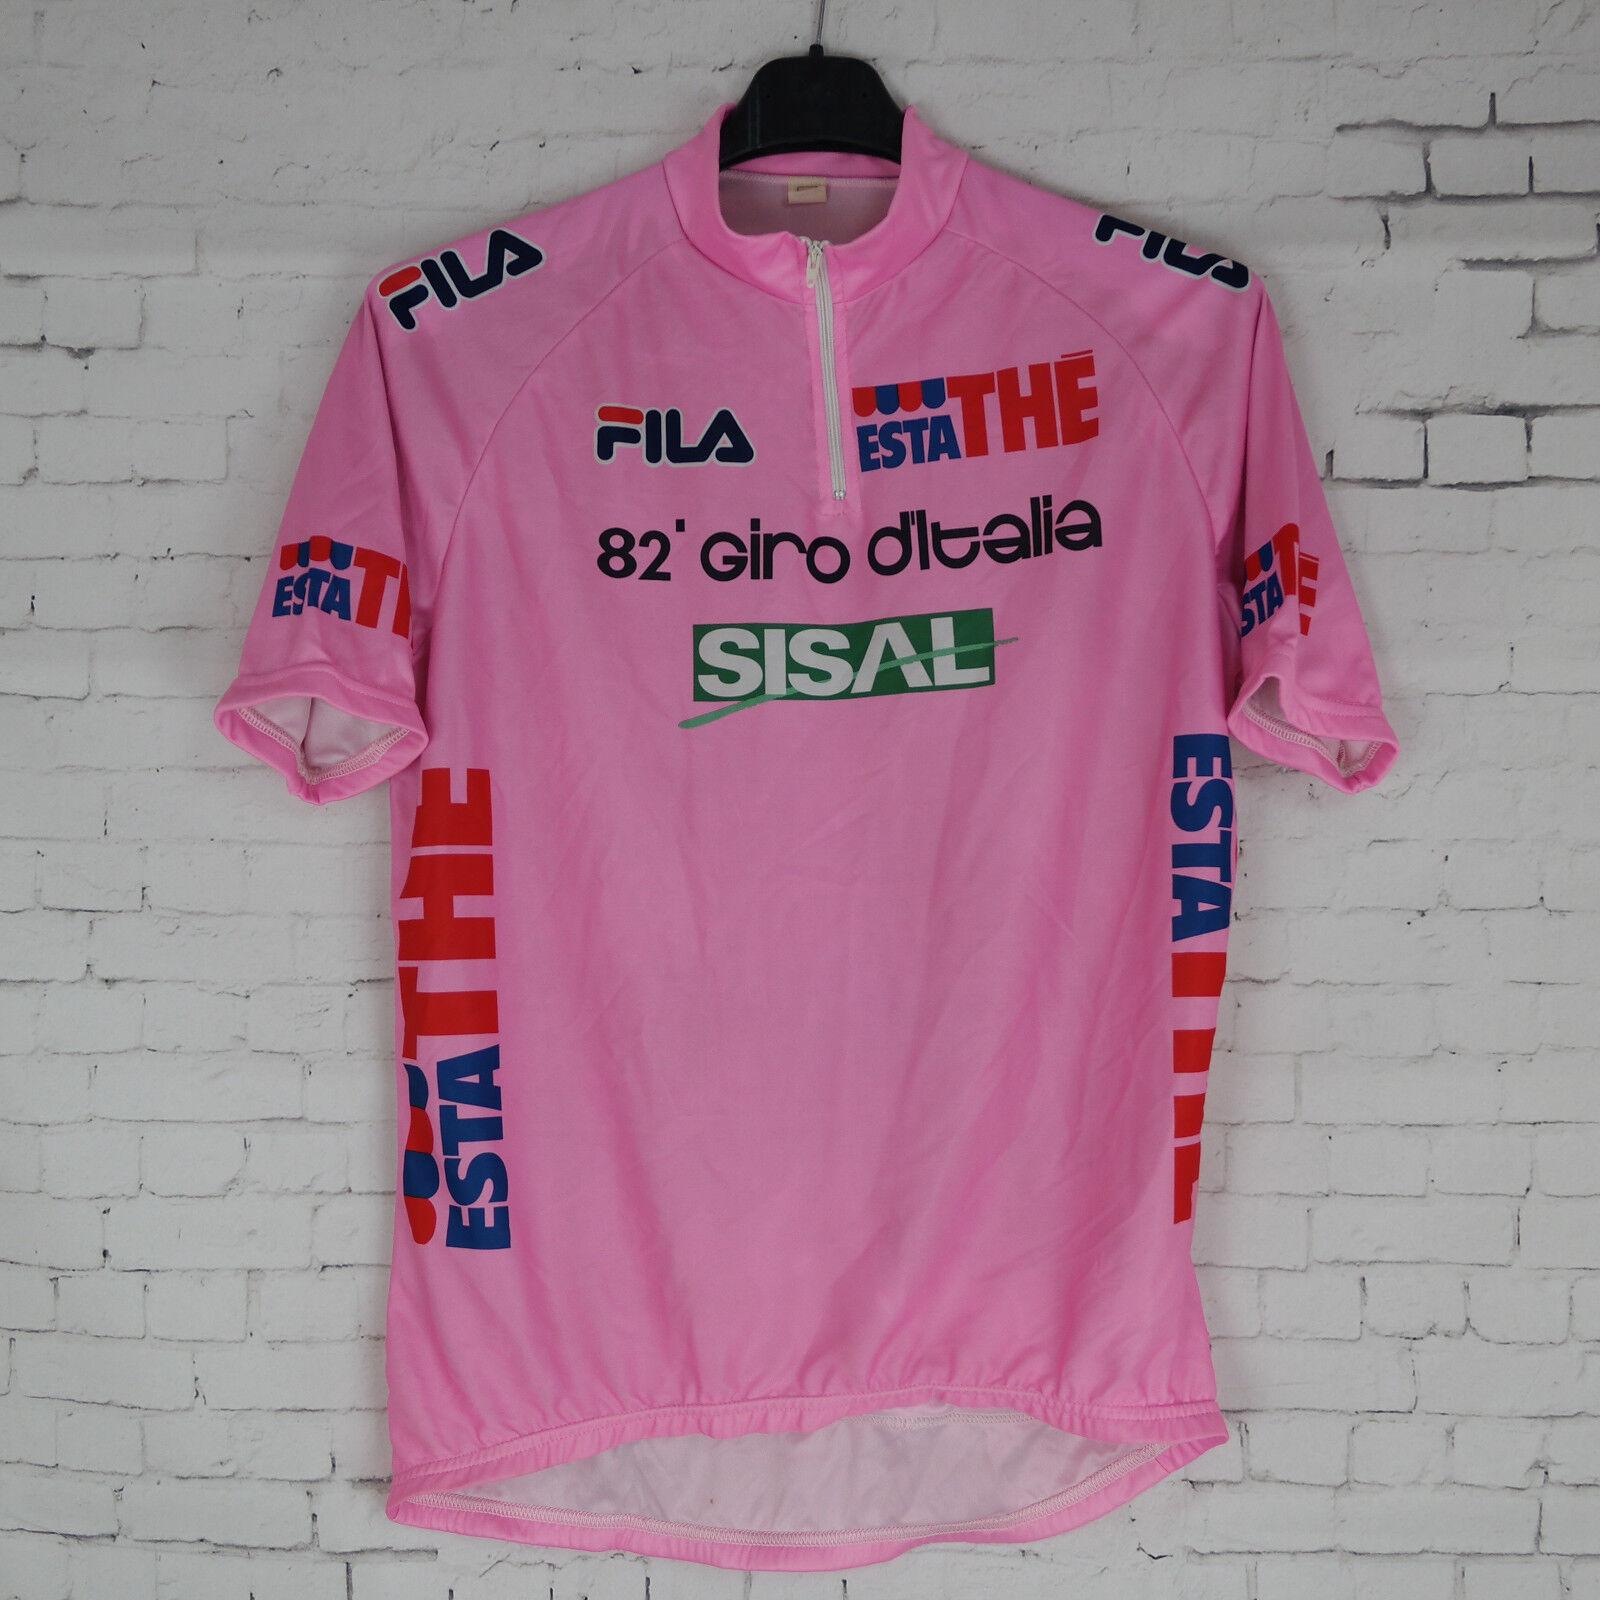 Maglia 82° Giro D' ITALIA Edizione 1999 PANTANI MAGLIA rosa ESTA THE Sisal FILA